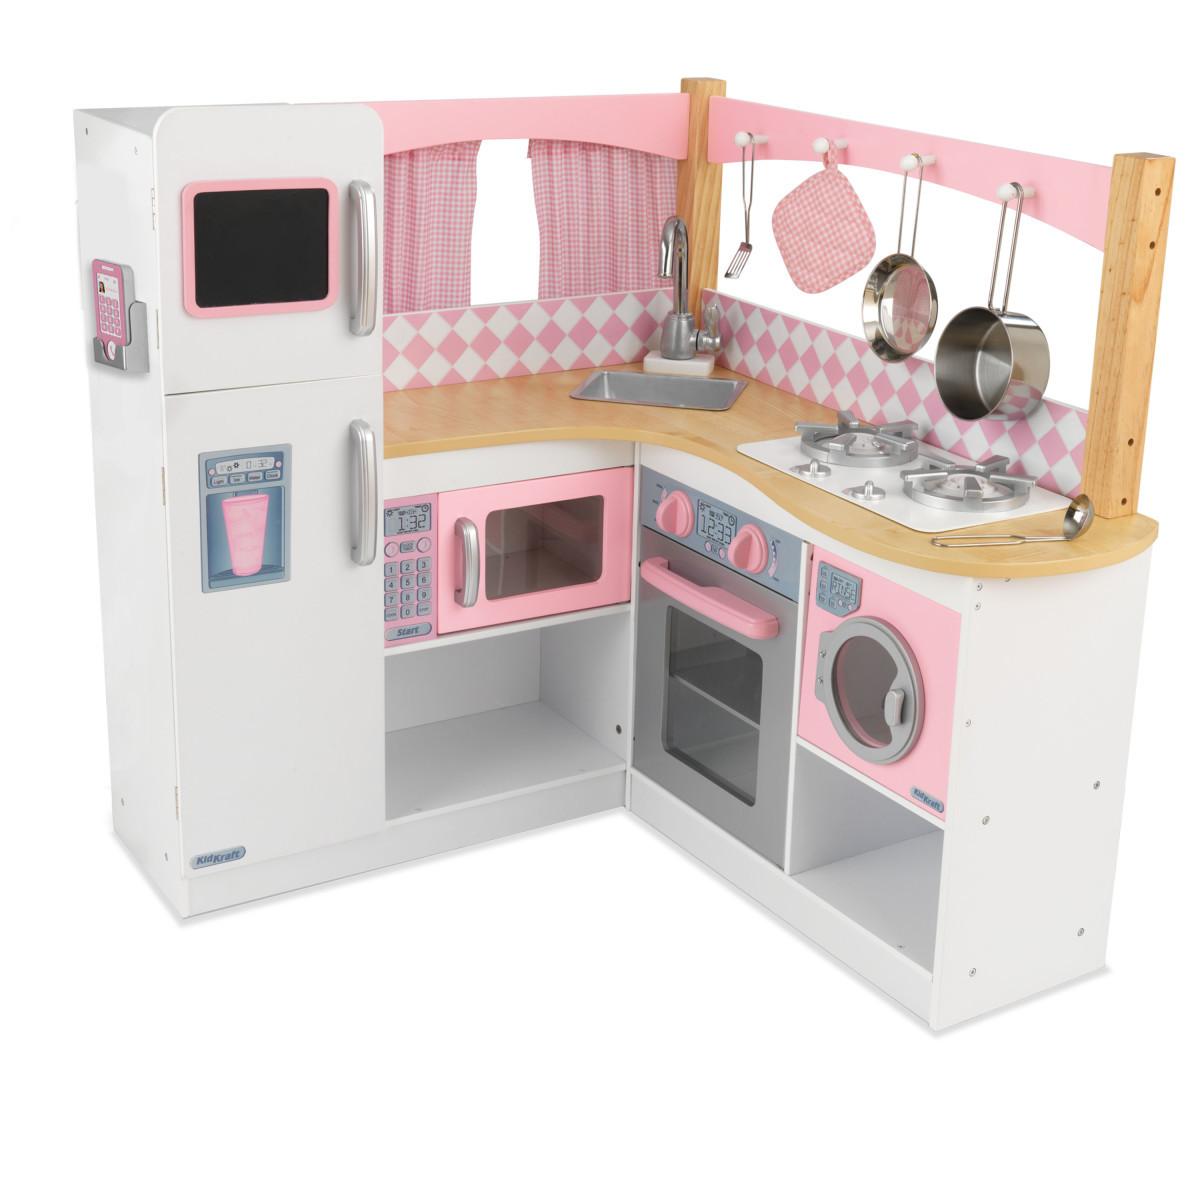 Кухня угловая игрушечная KidKraft 53185. Кухня для детей